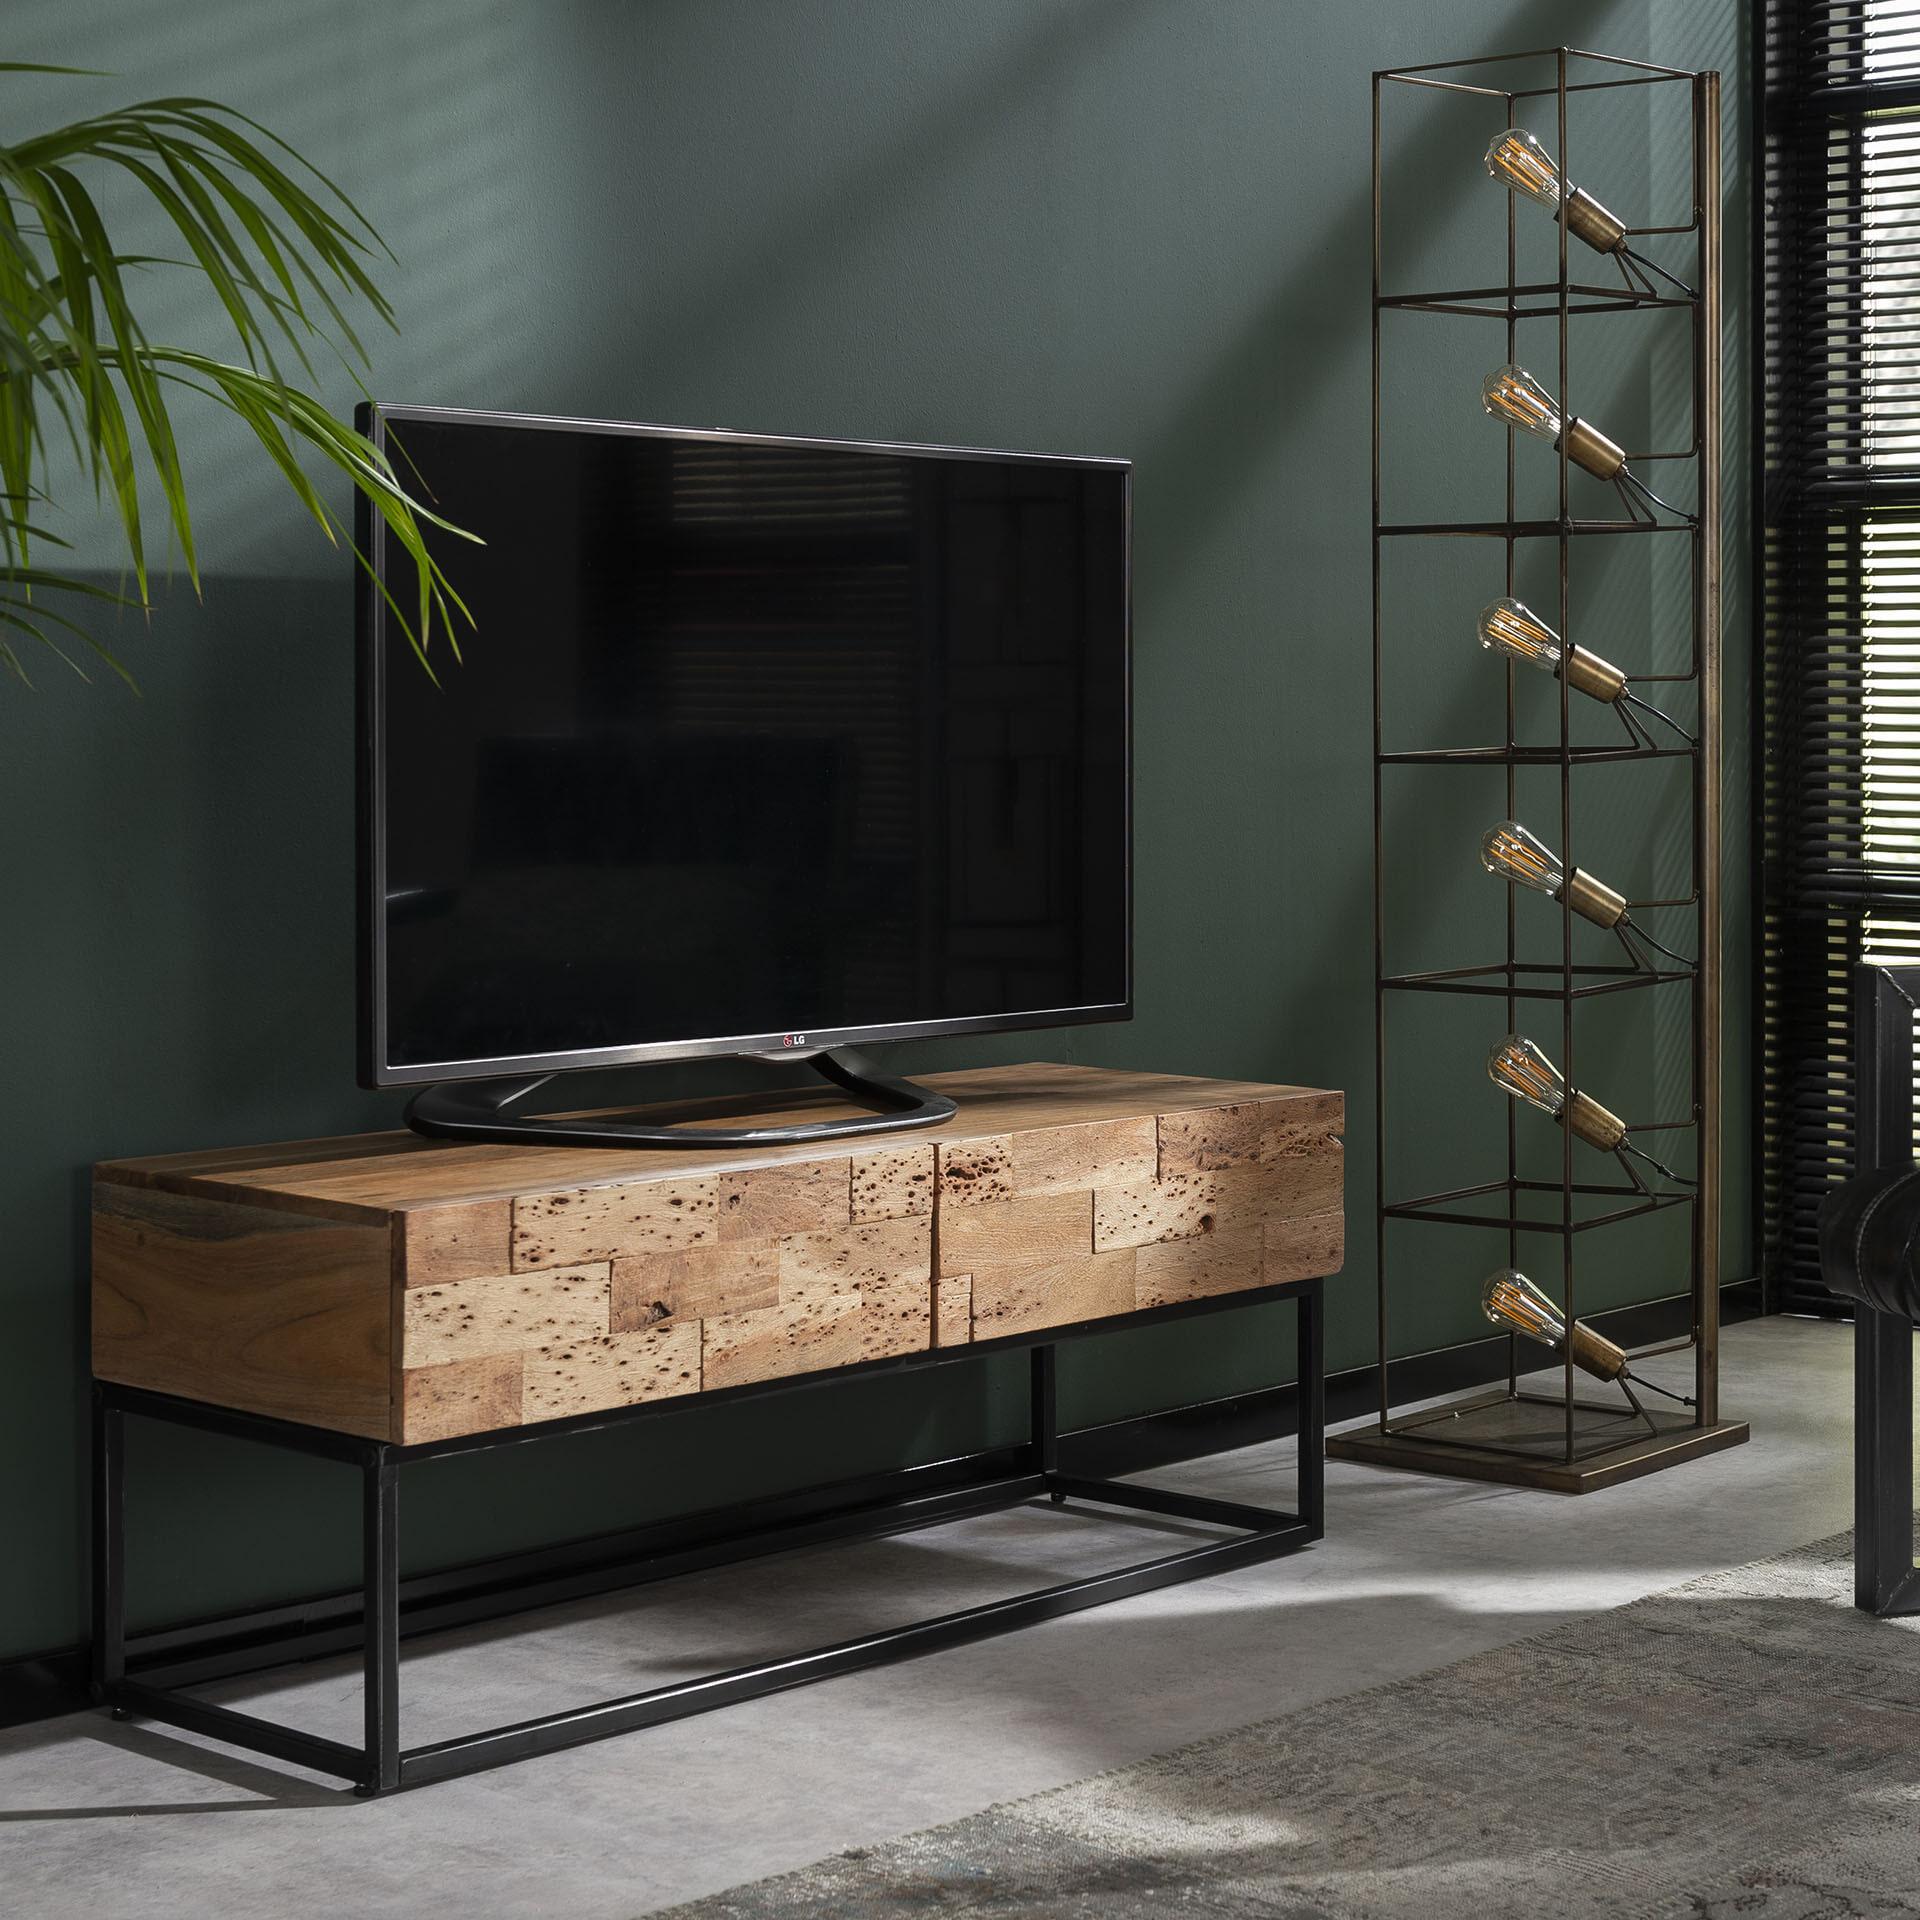 Industrieel TV-meubel 'Mill' 120cm Kasten | Tv-Meubels & Tv-Kasten vergelijken doe je het voordeligst hier bij Meubelpartner